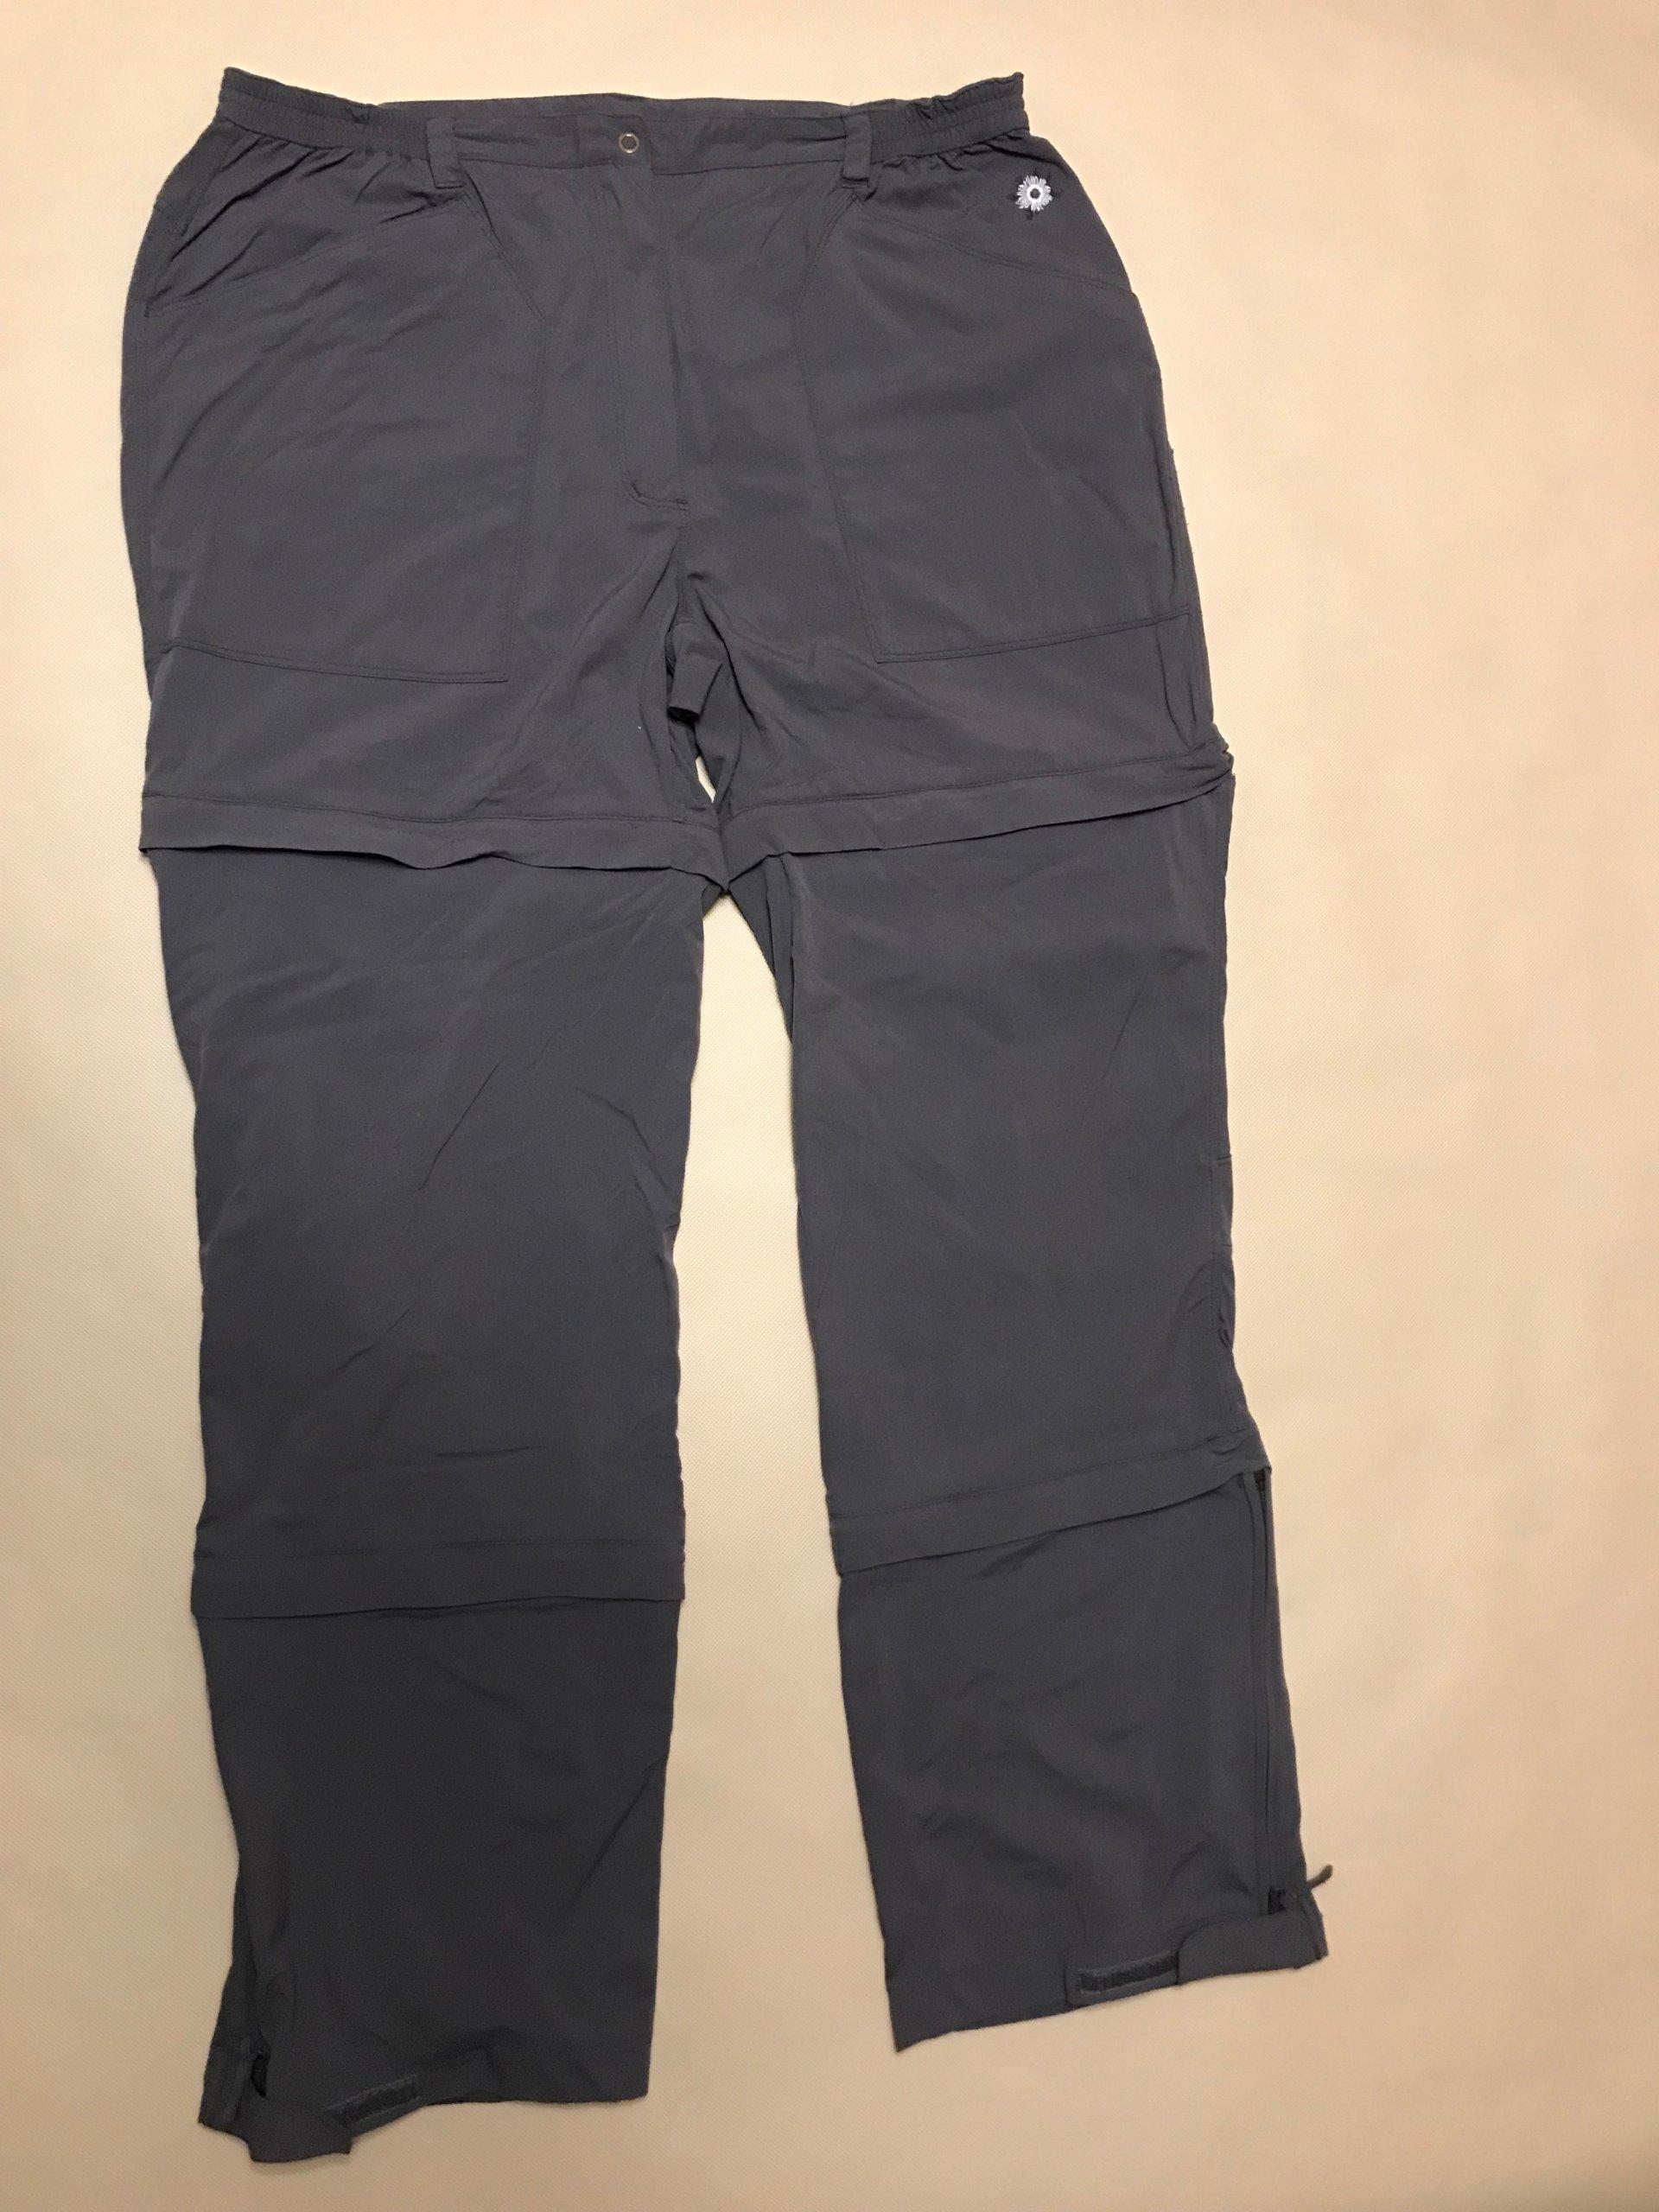 info for 23e28 8e3b1 SALEWA damskie spodnie trekkingowe 3w1 XXXL 3XL